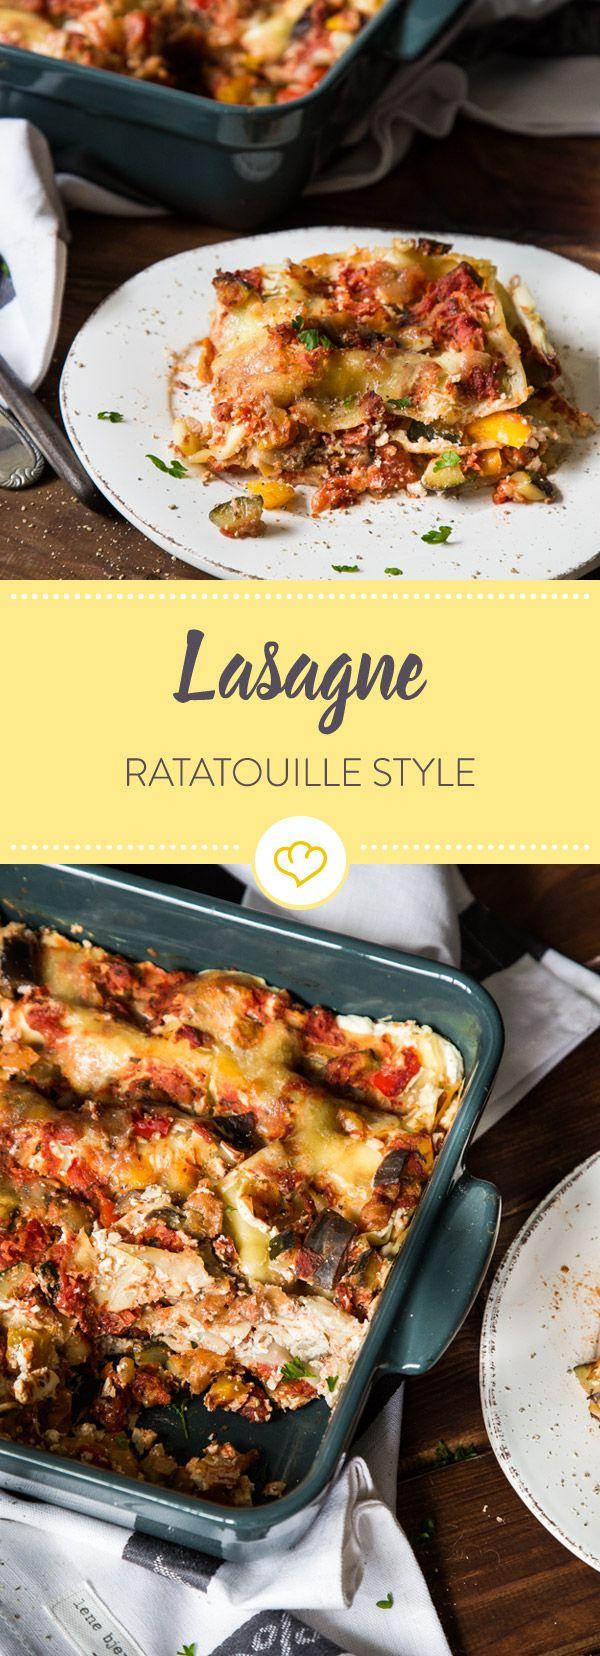 Italienischer Ofenklassiker trifft provenzalisches Gemüseallerlei und schon gräbst du dich Schicht für Schicht durch Ratatouille Lasagne Style.